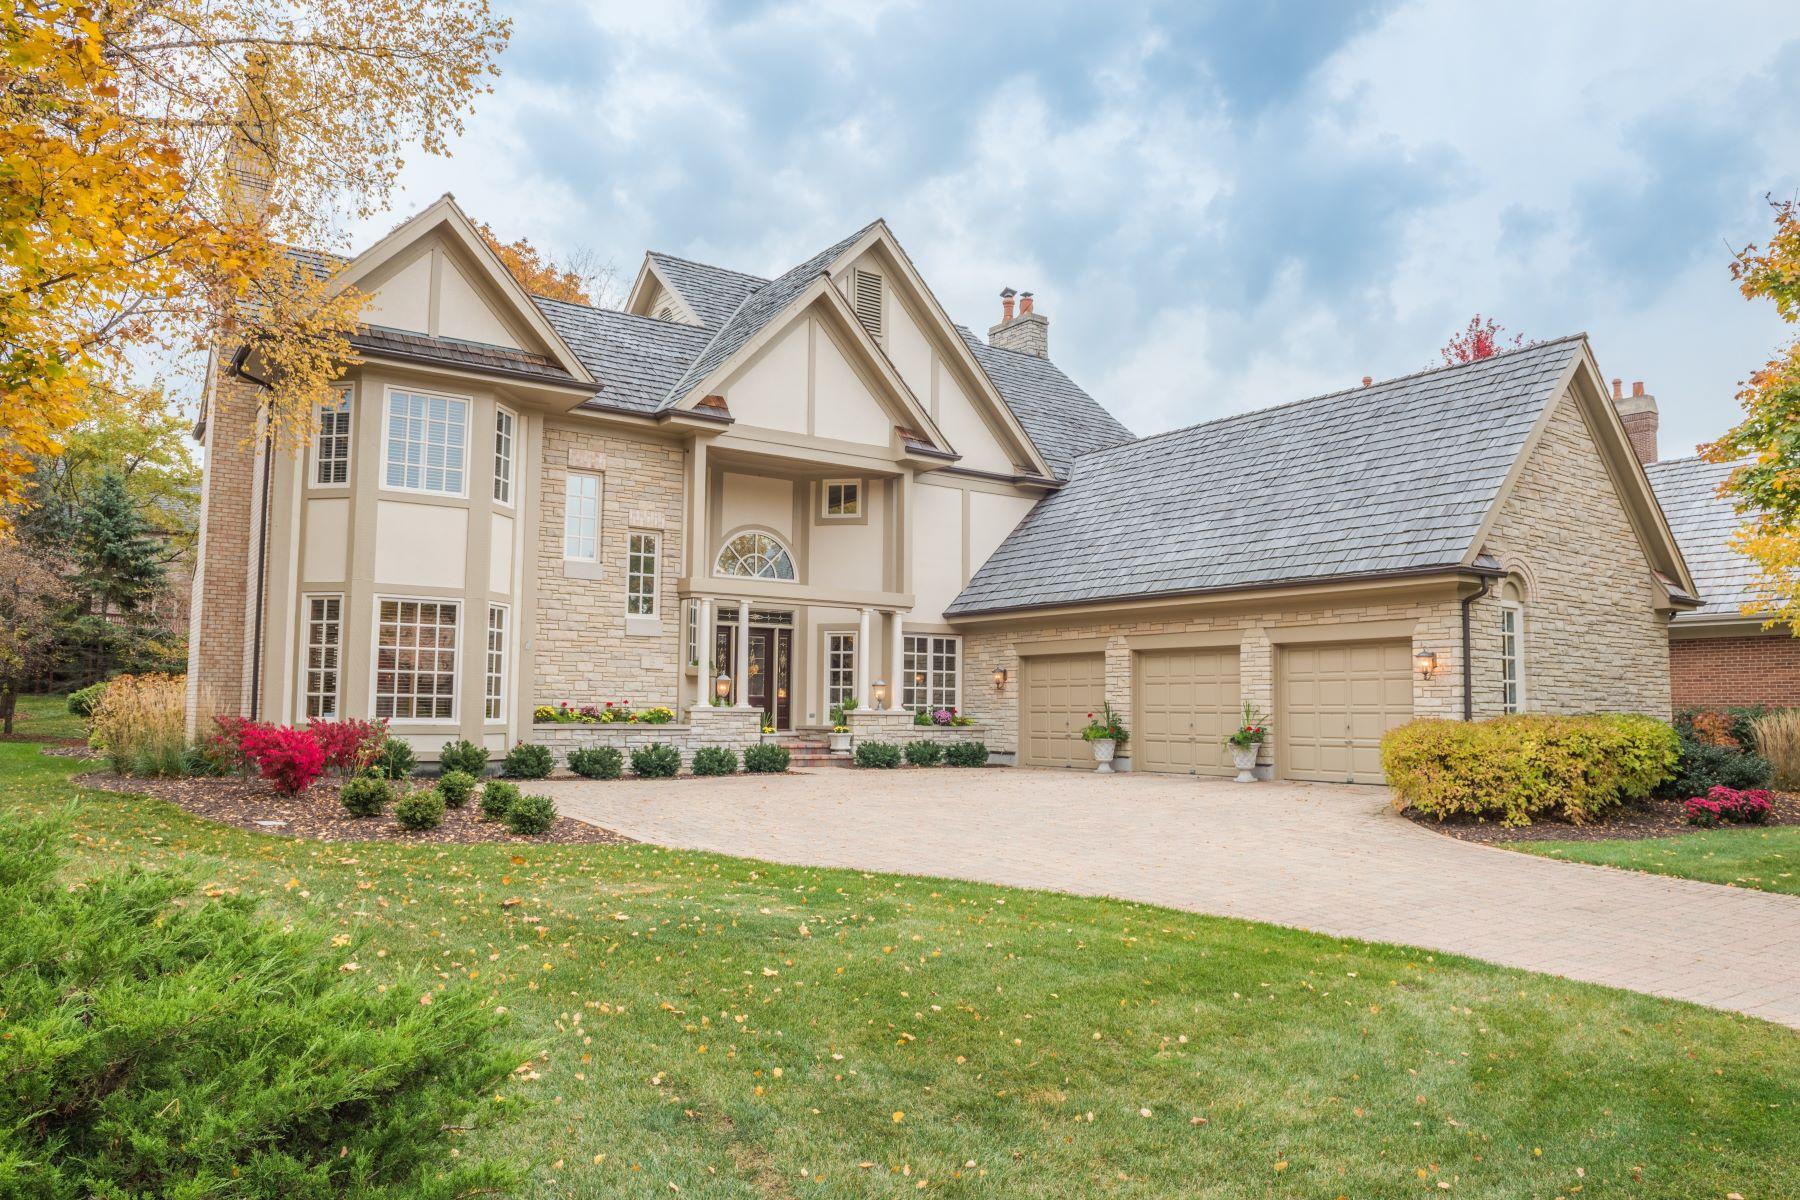 Villa per Vendita alle ore 6 Graystone Court Wynstone North Barrington North Barrington, Illinois, 60010 Stati Uniti